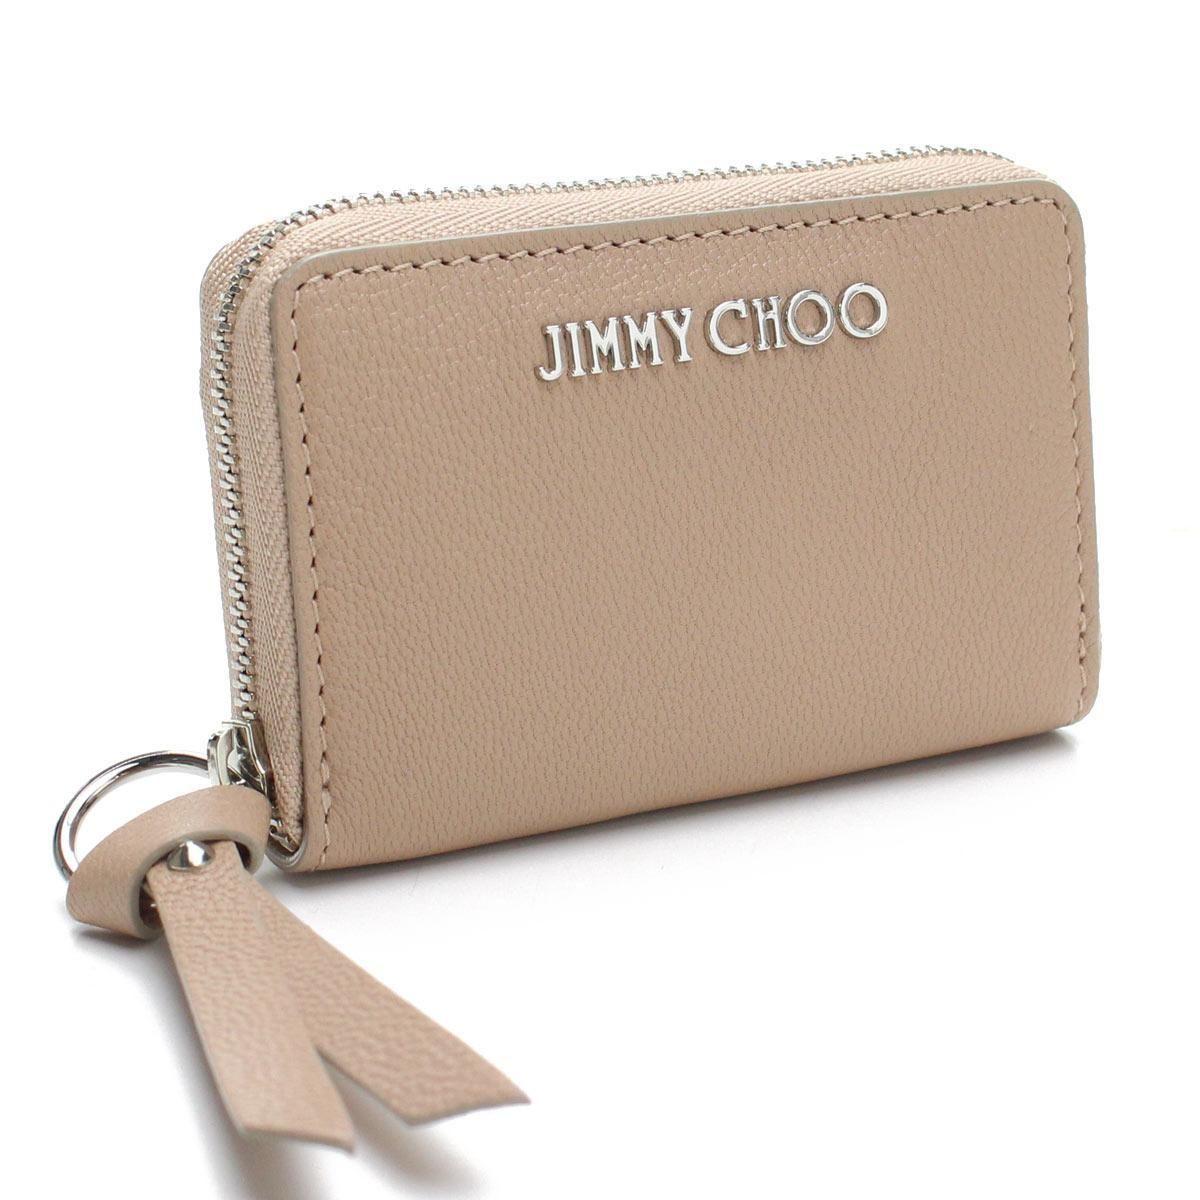 ジミーチュウ(JIMMY CHOO) 小銭入れ